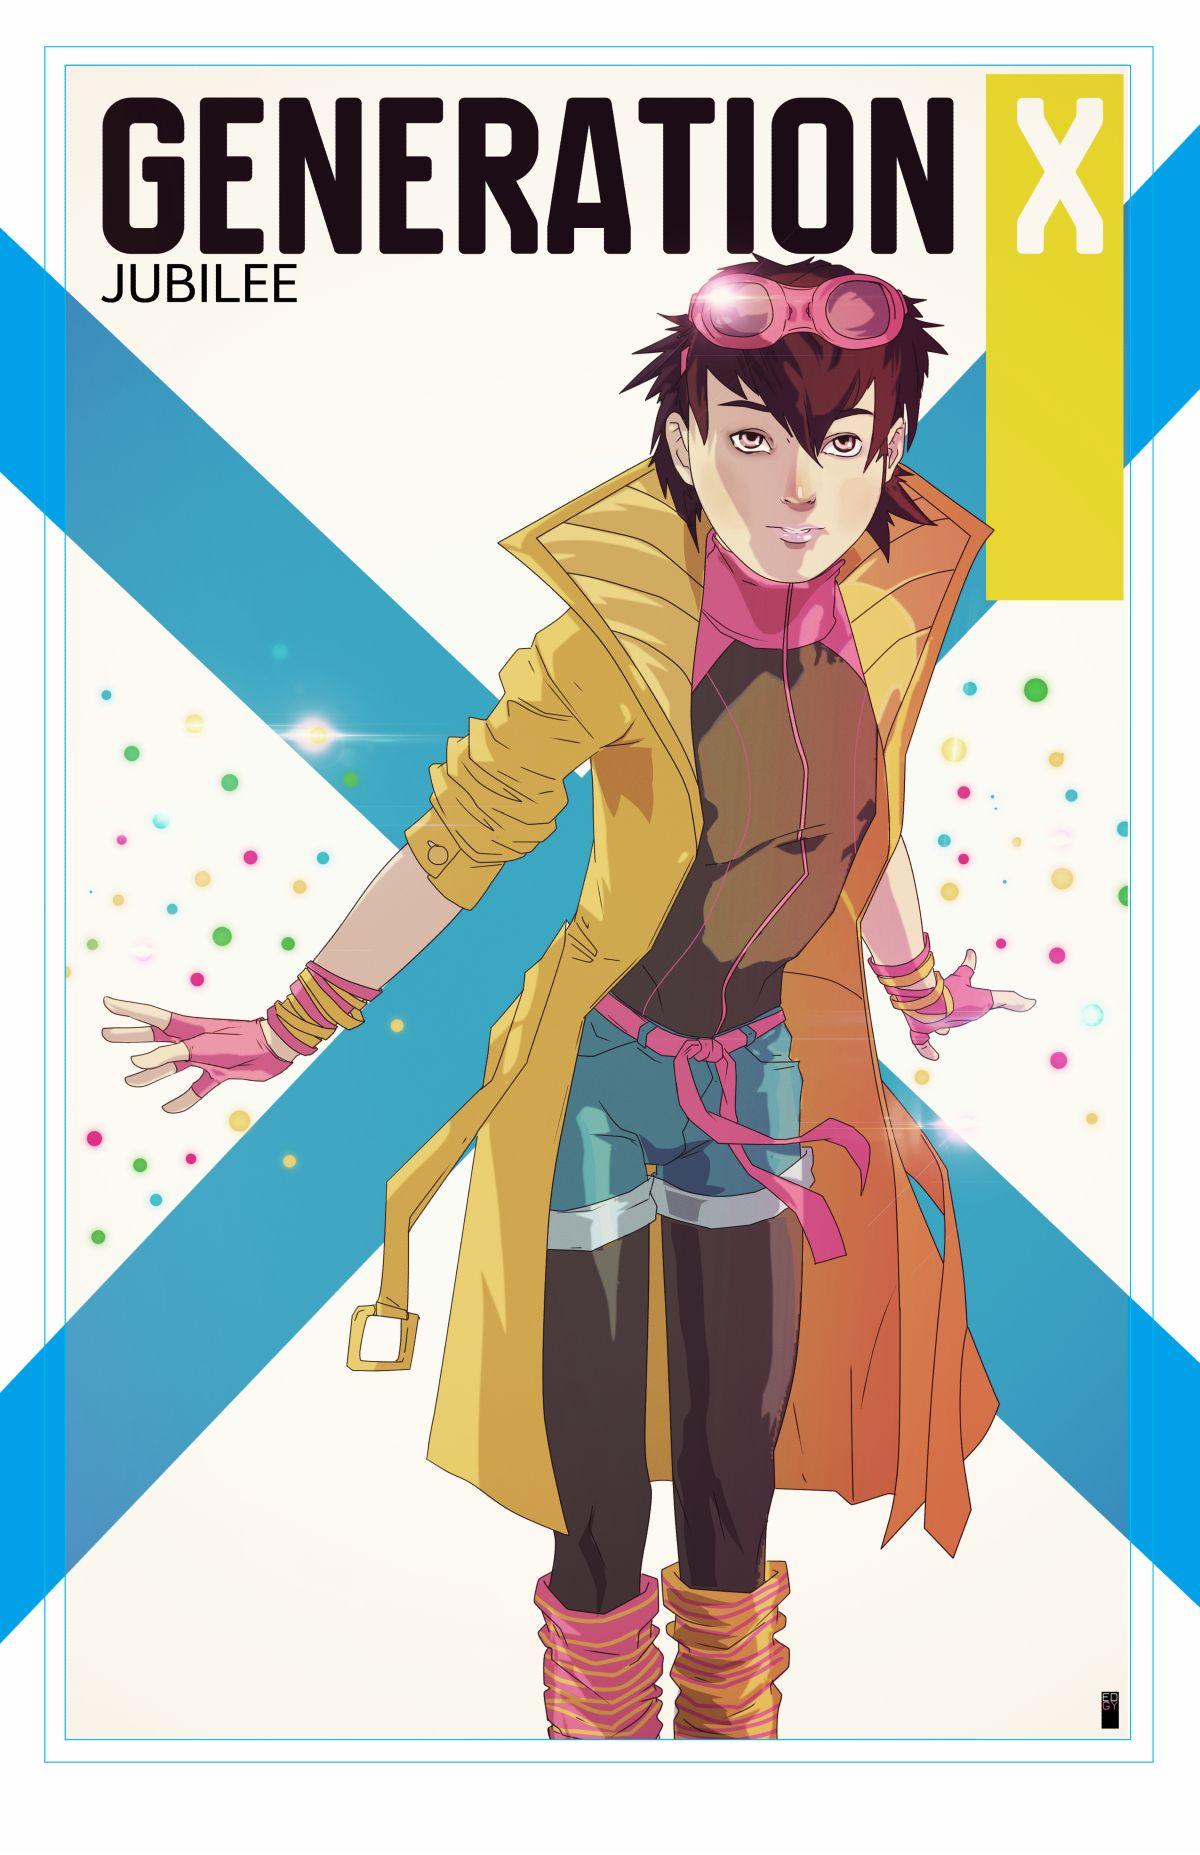 Fan art series:Generation x on Behance